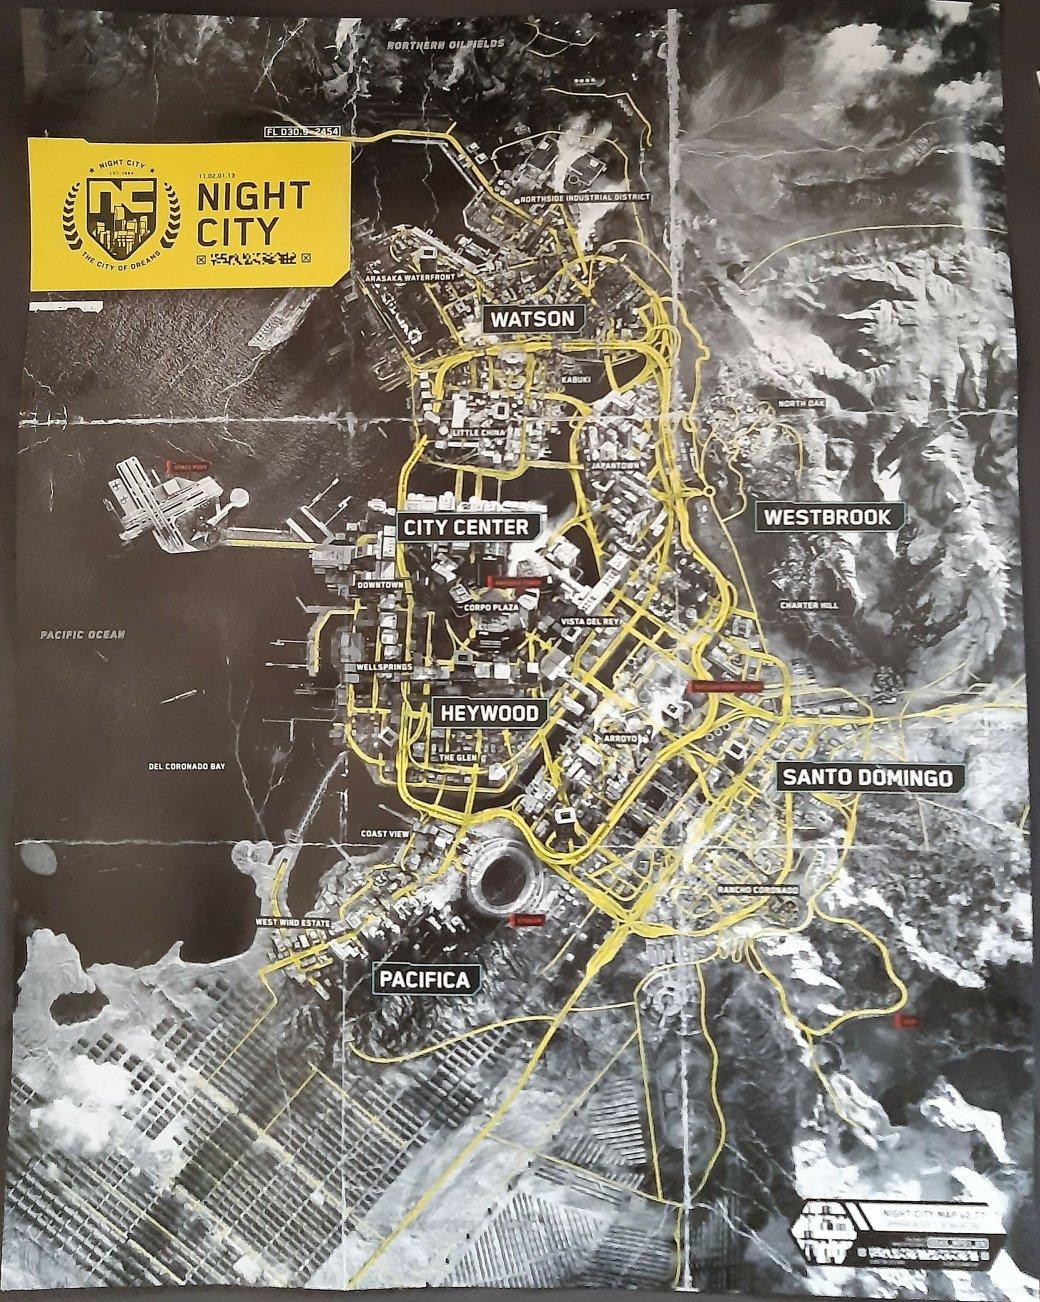 Материалы коллекционного издания Cyberpunk 2077 попали в сеть. В том числе карта Найт-Сити | Канобу - Изображение 6705